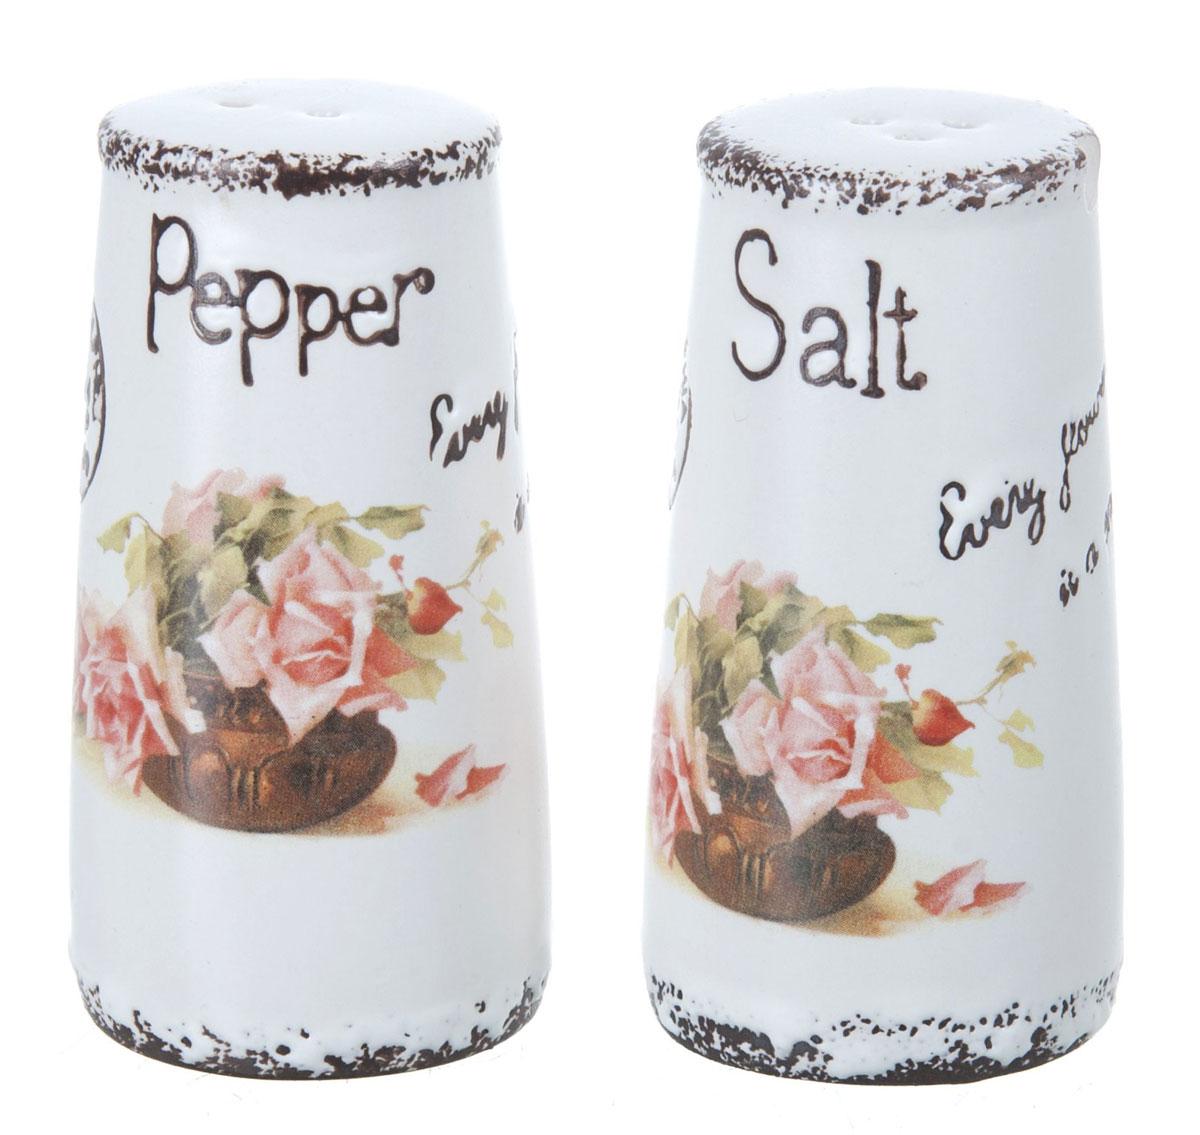 Набор для специй ENS Group Чайная роза, 2 предмета1750157Набор для соли и перца, выполненный из керамики, благодаря своим компактным размерам не займет много места на вашей кухне. Солонка и перечница декорированы оригинальным рисунком. Набор для соли и перца станет отличным подарком каждой хозяйке.